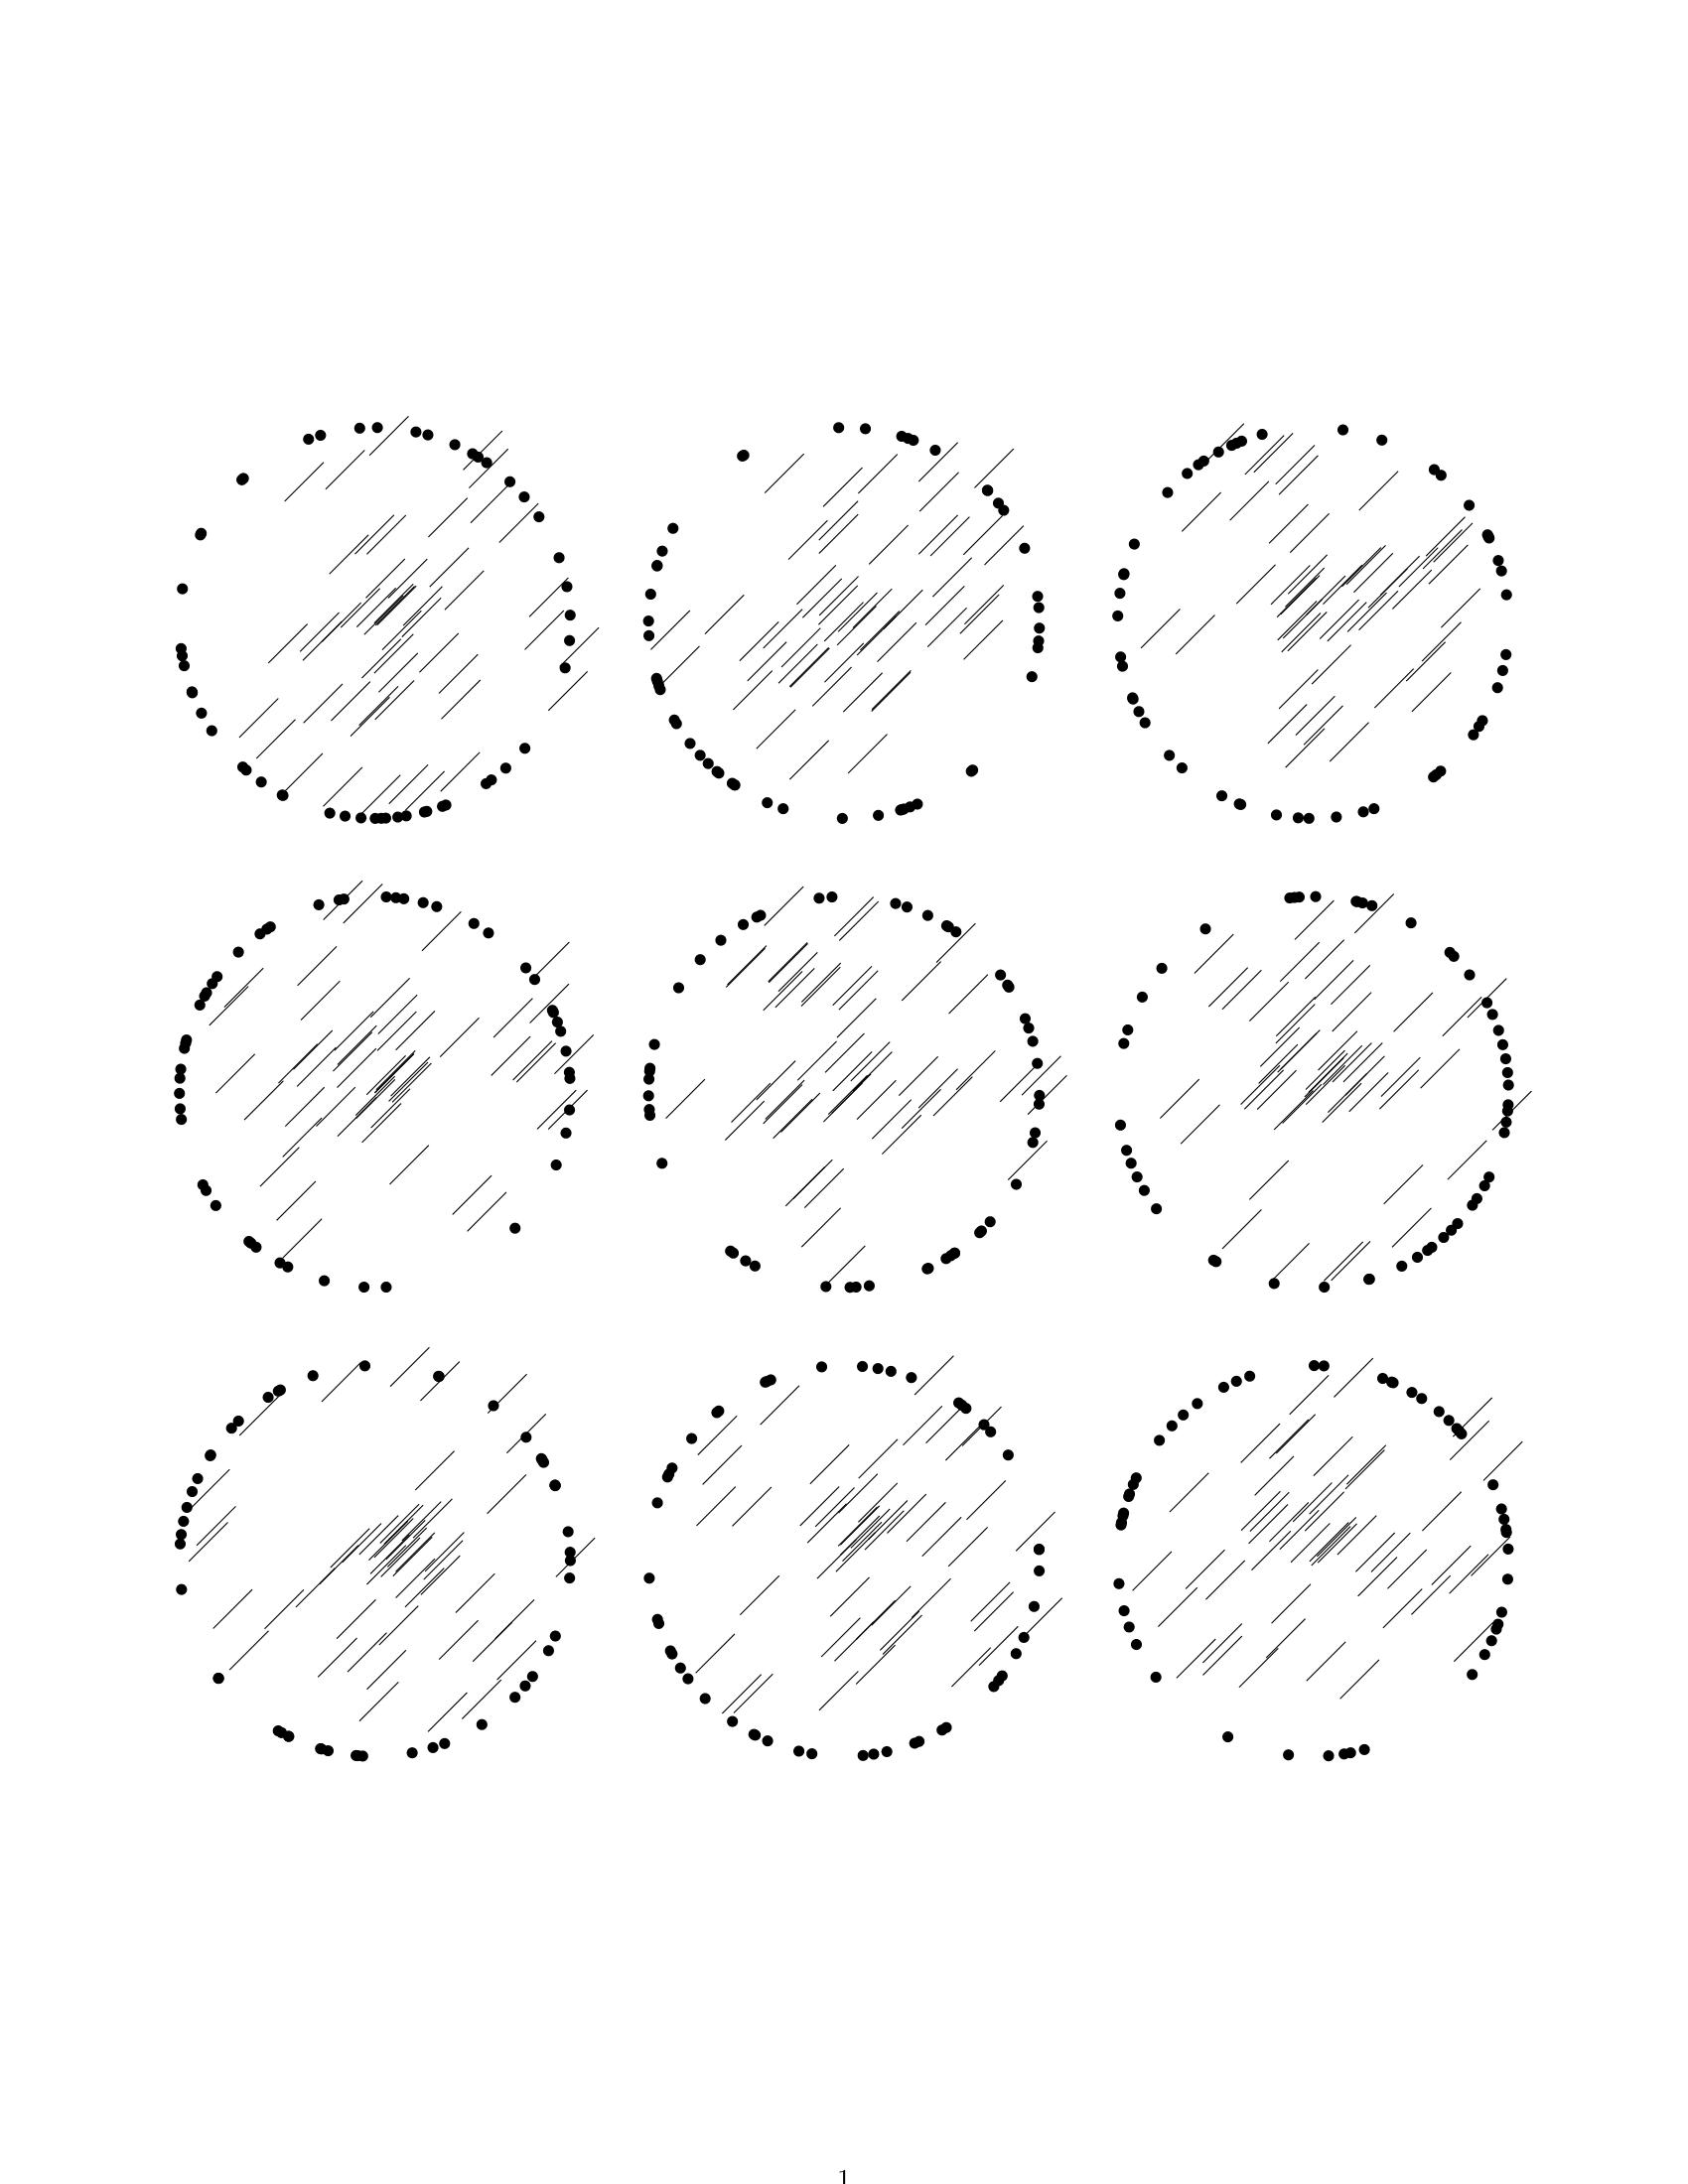 design 102-1.png